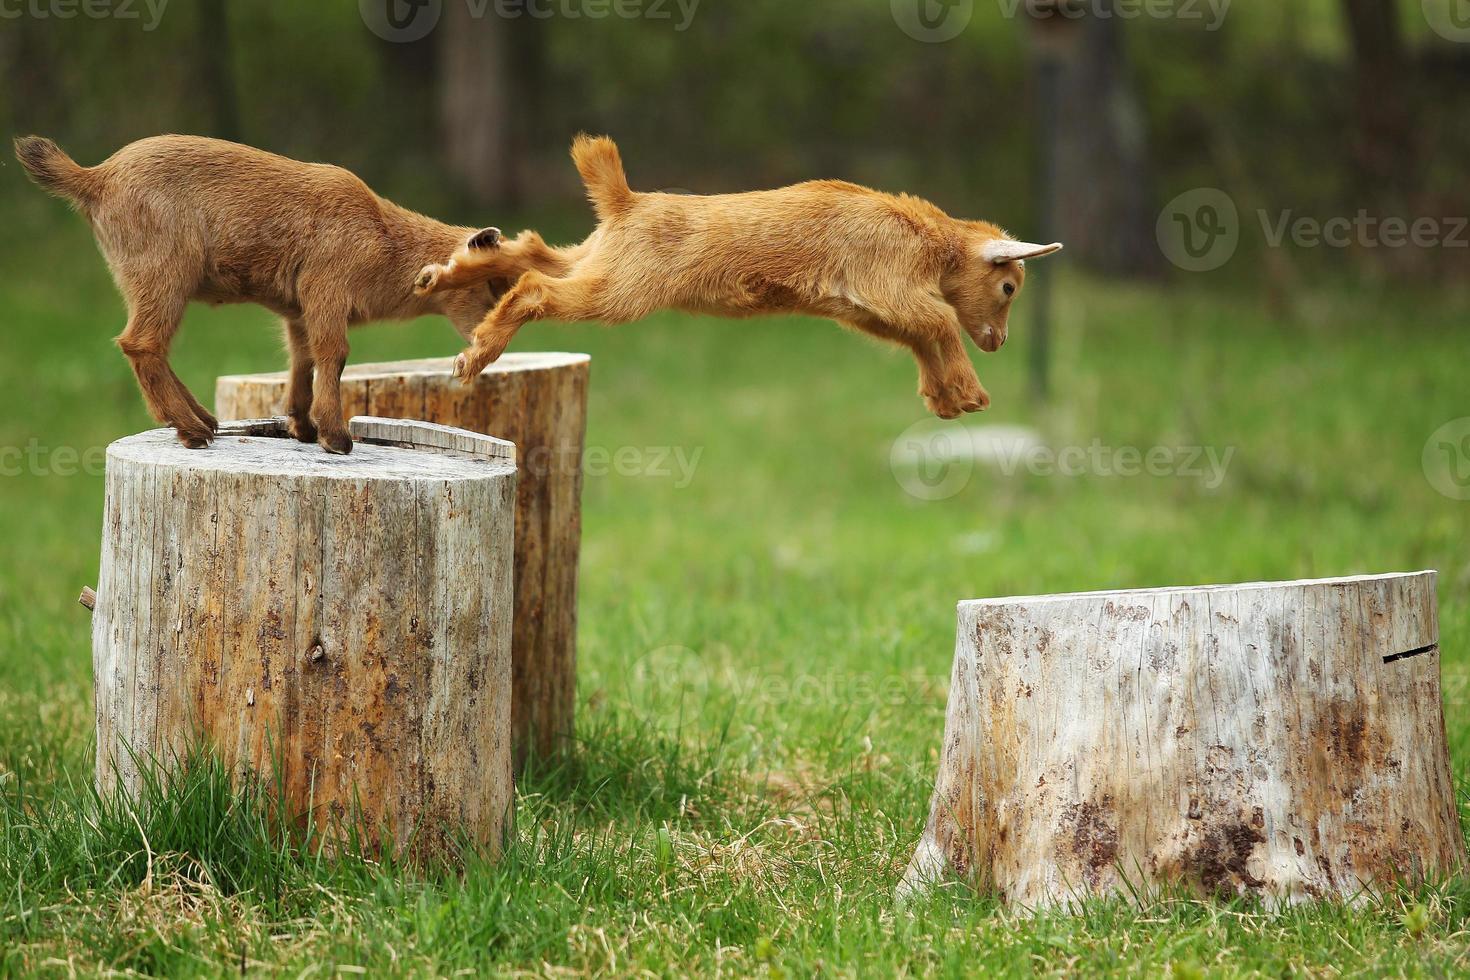 cabra pulando foto